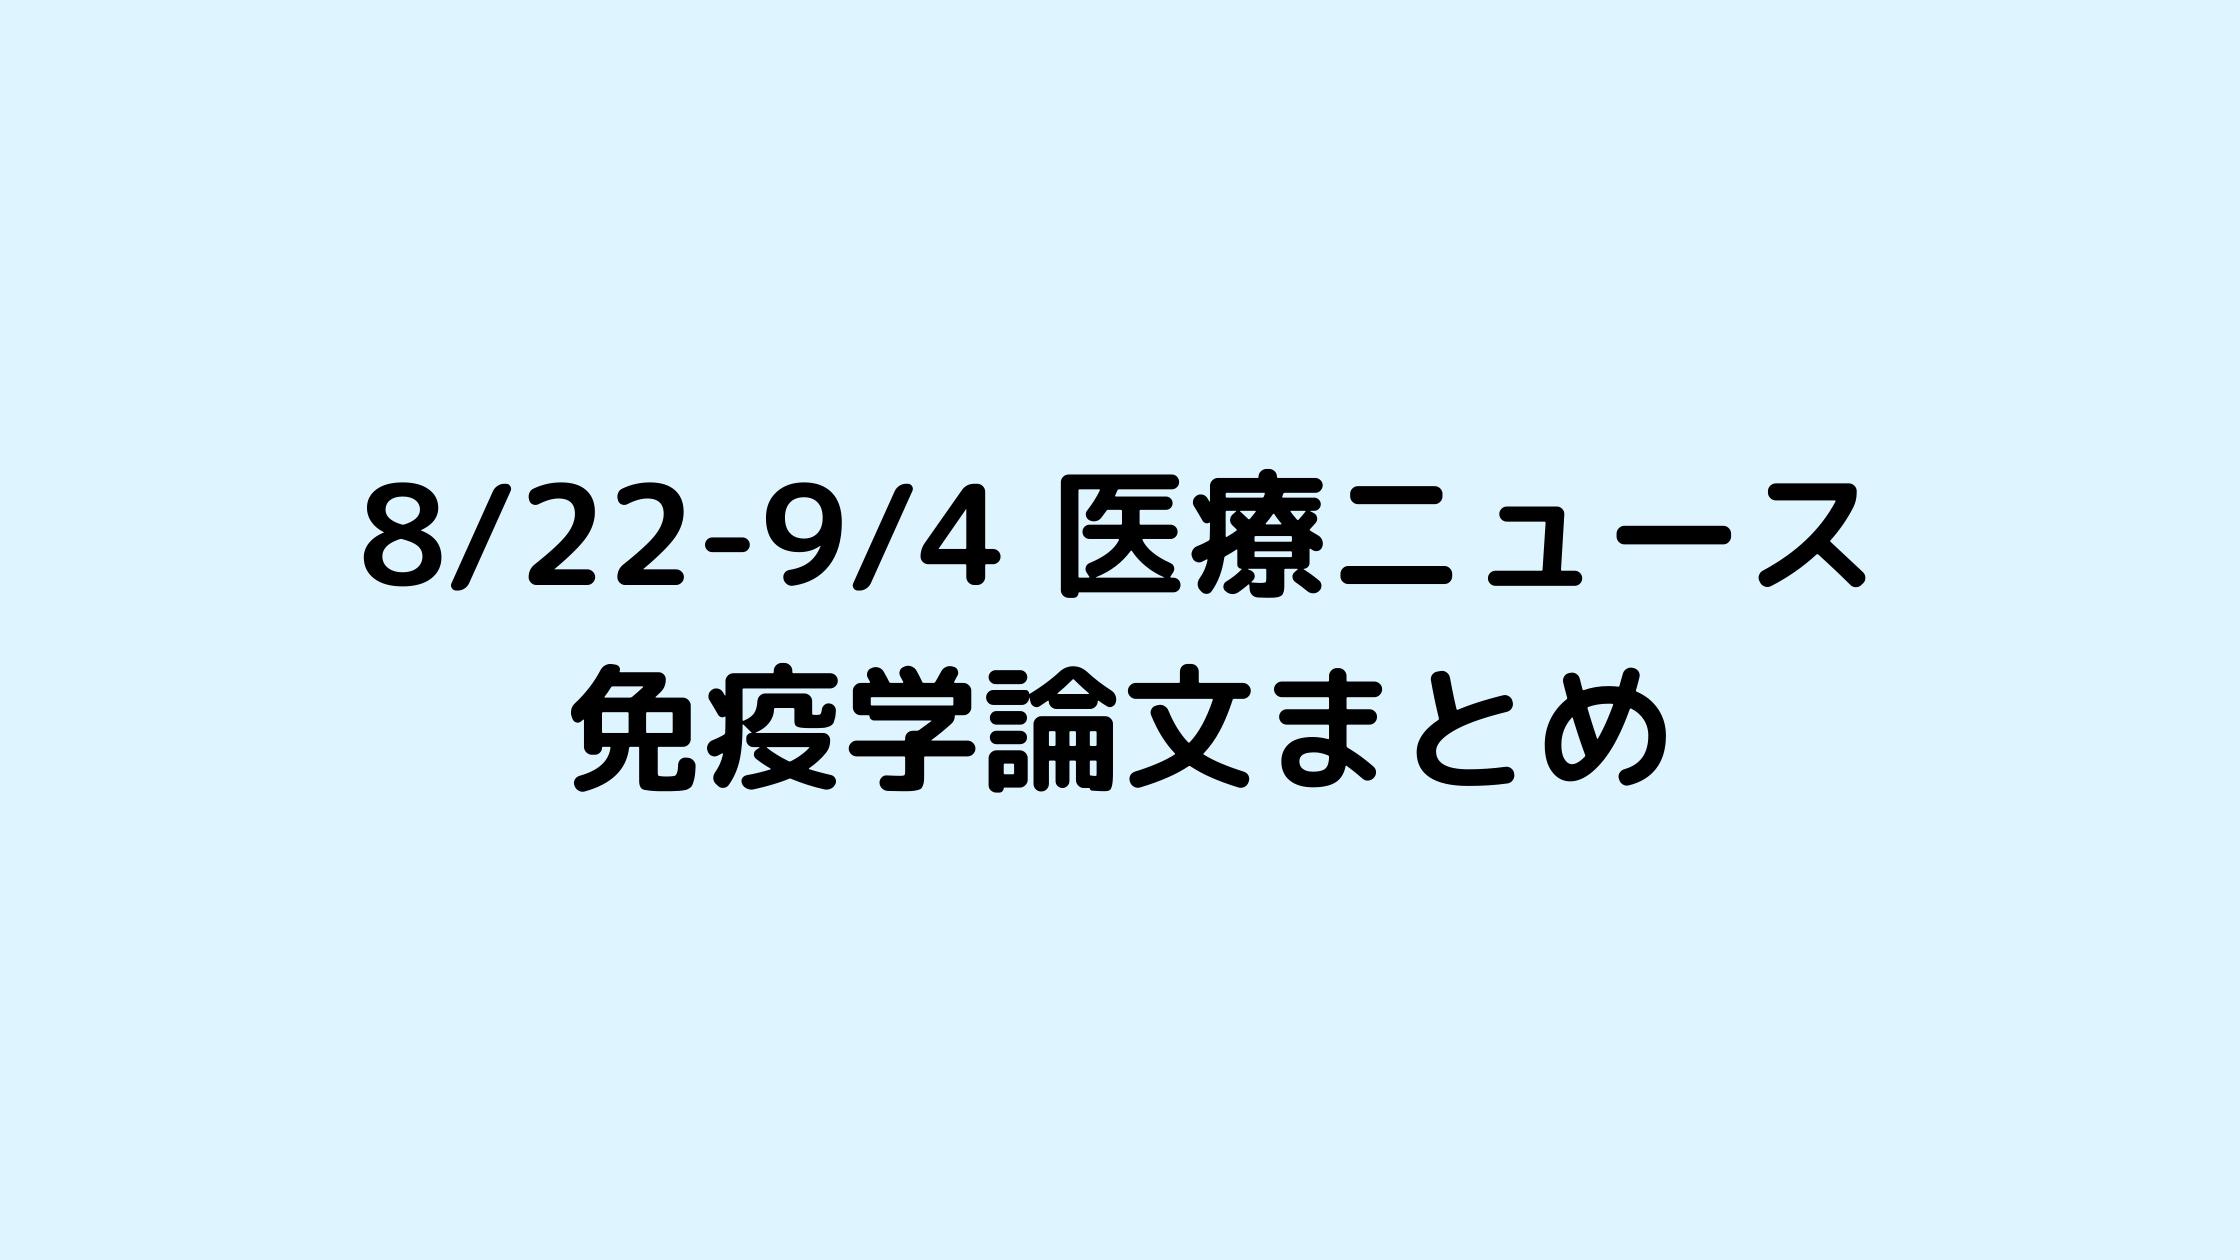 822-94医療ニュース免疫学論文まとめ